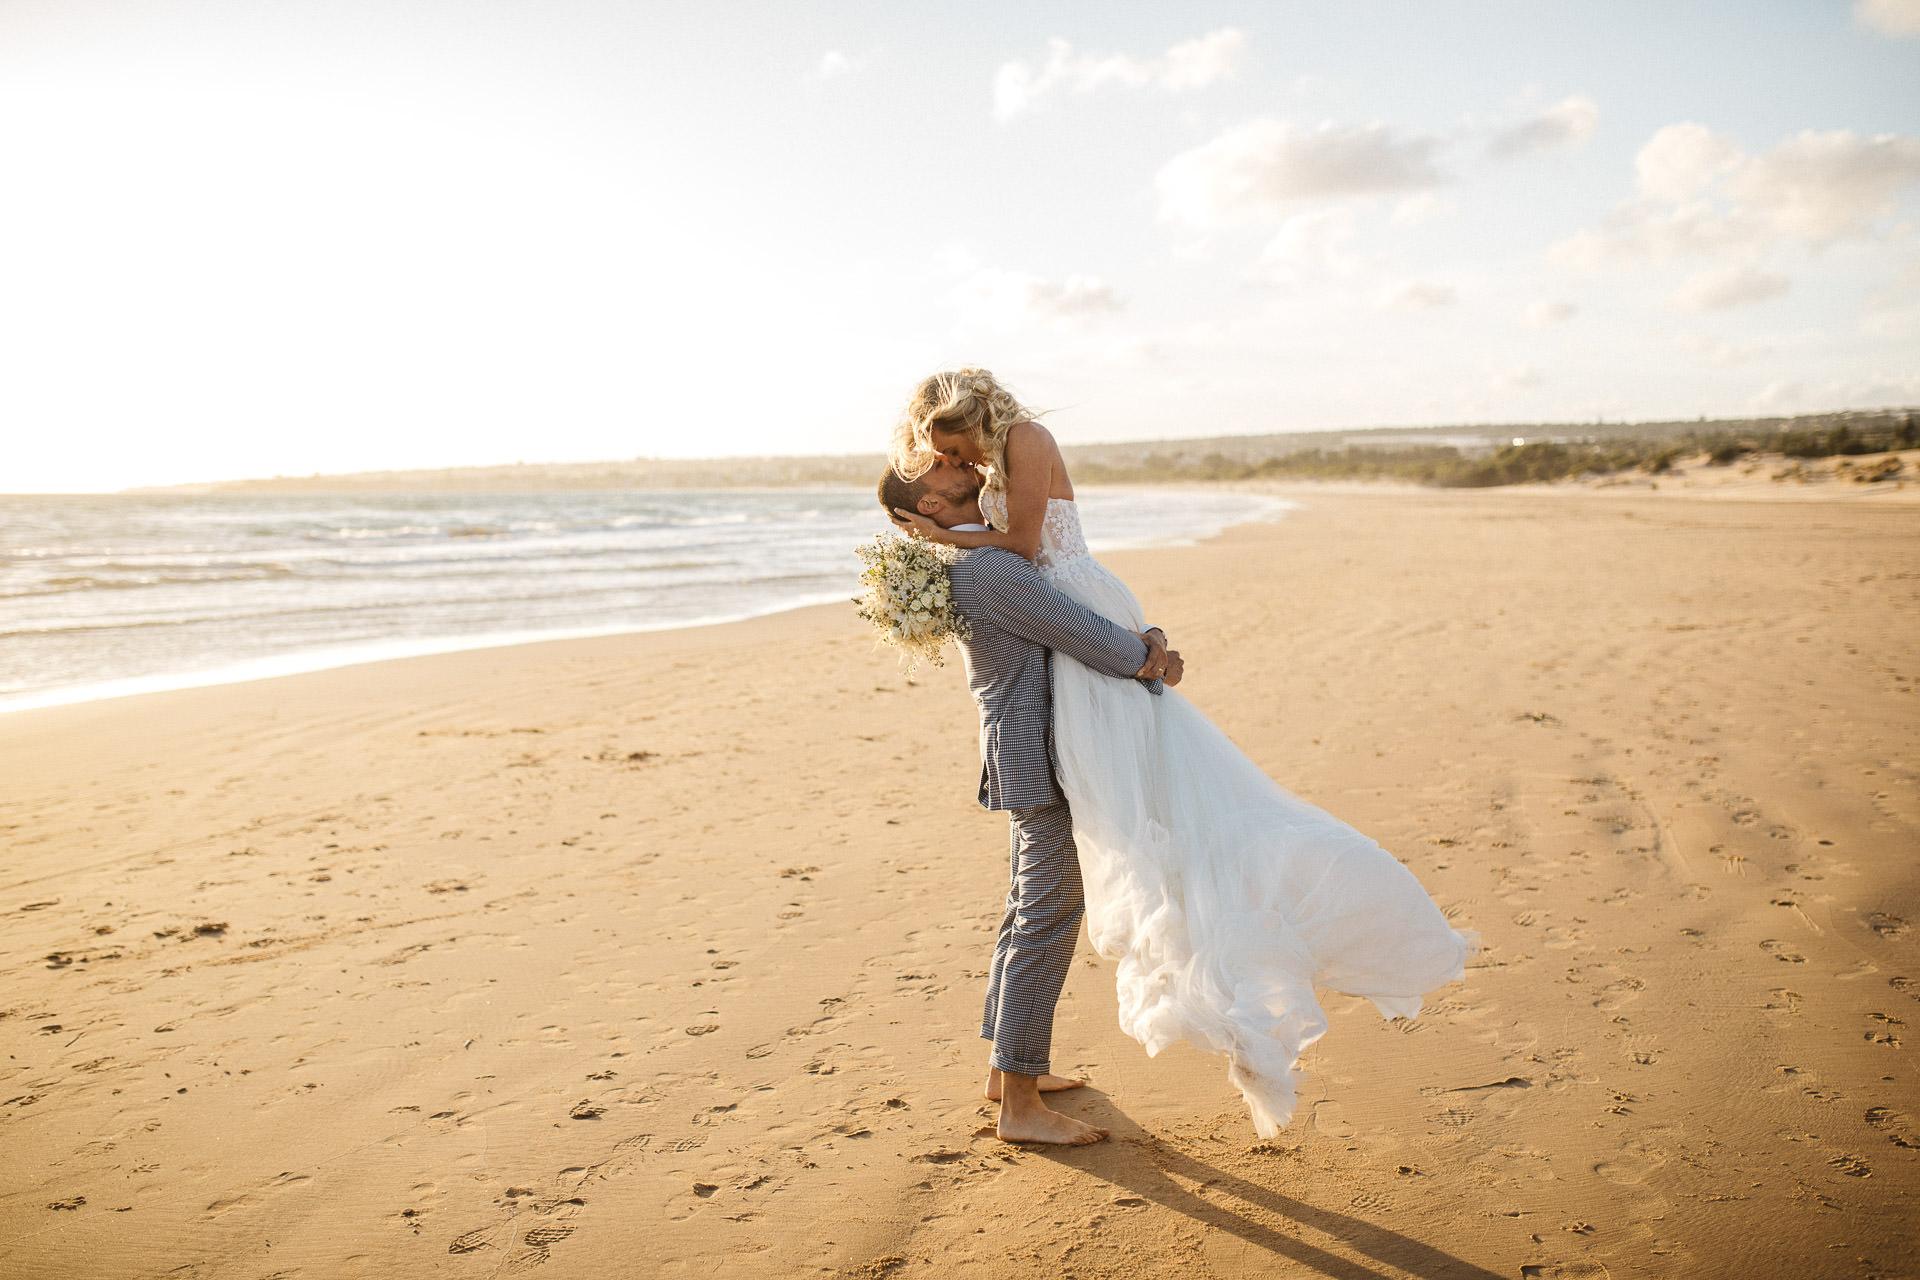 Sizilien, Italien Beach Elopement Portraits | Paar allein am Strand zu dieser Zeit